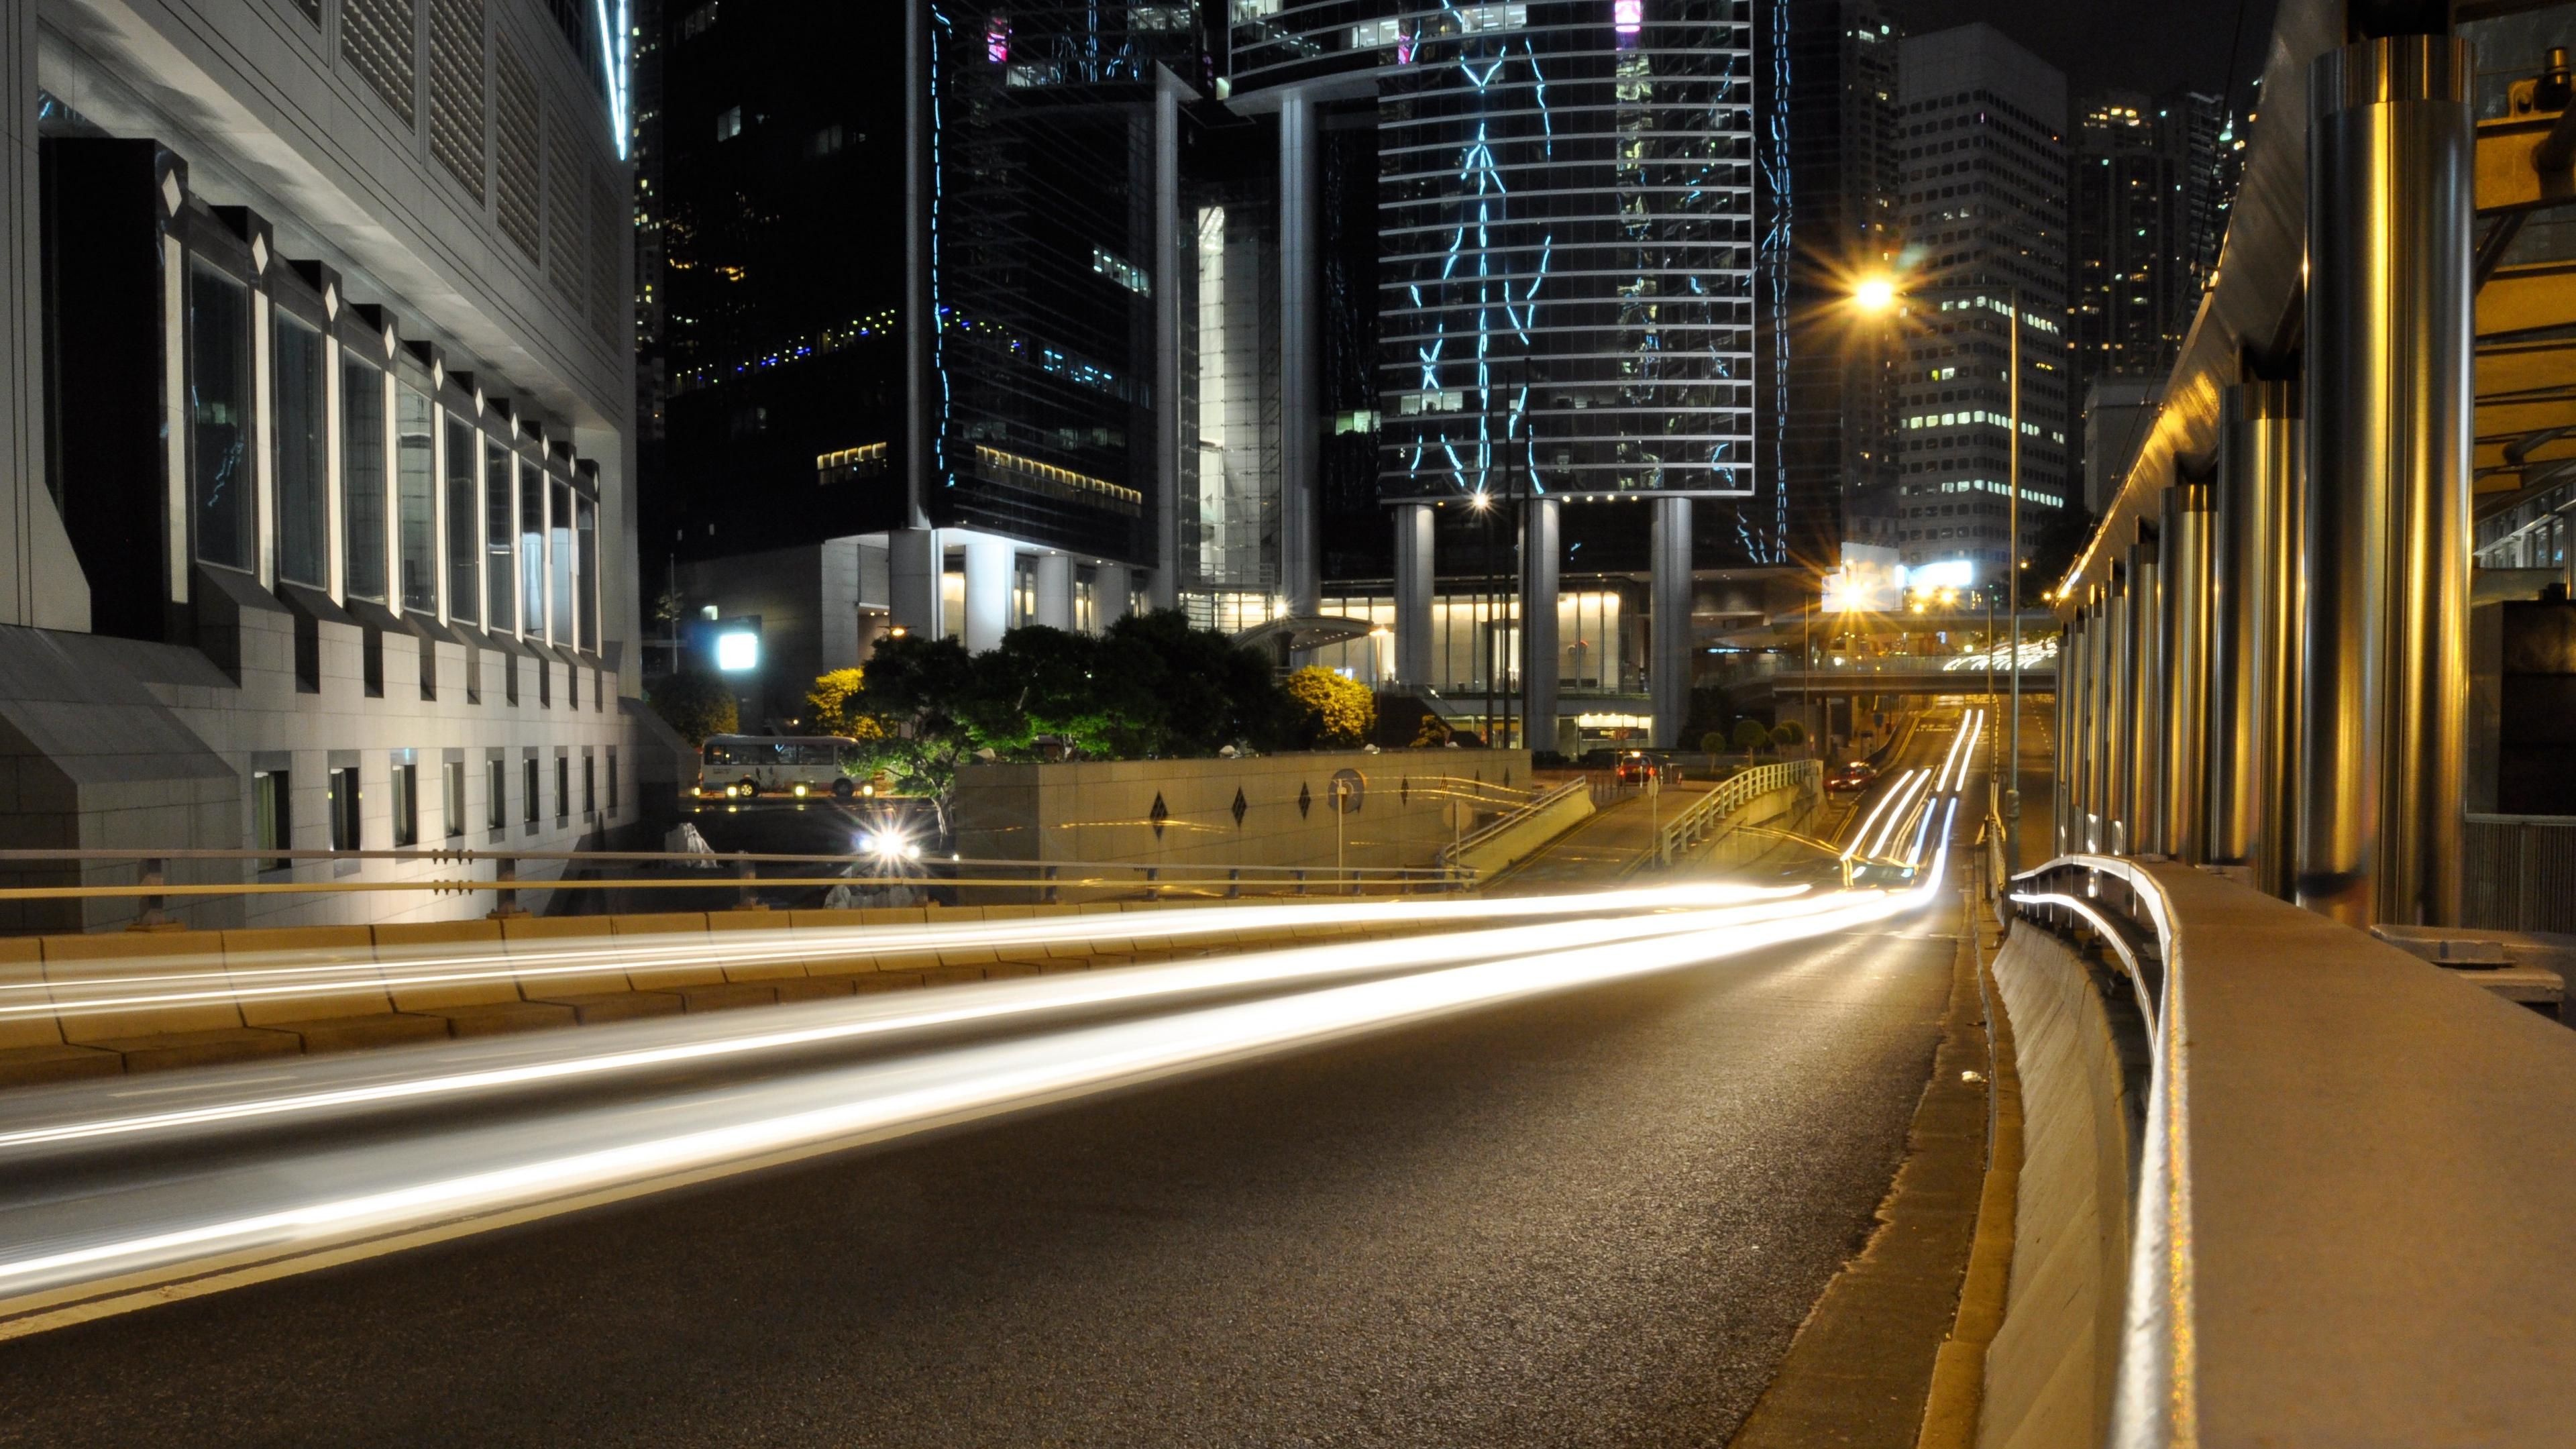 tokyo road light night 4k 1538066283 - tokyo, road, light, night 4k - Tokyo, Road, Light